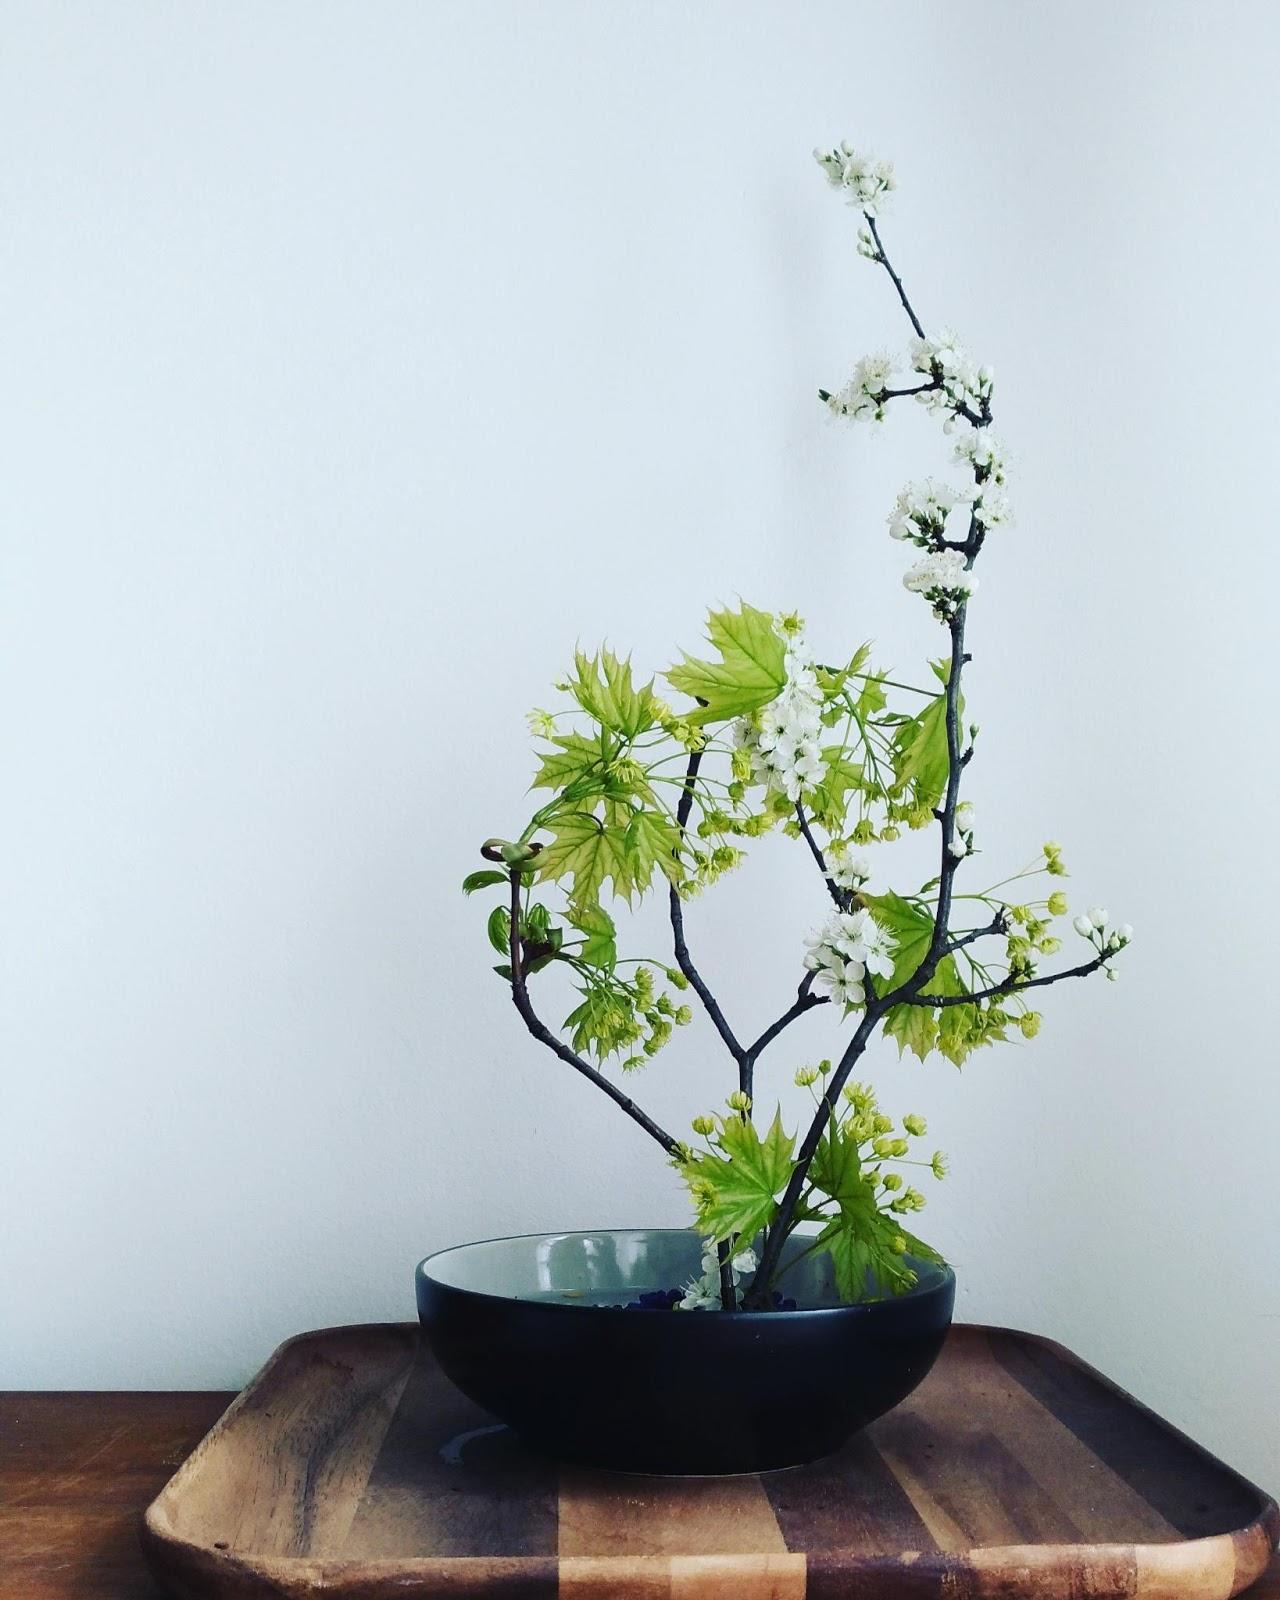 Kvetna Nedele